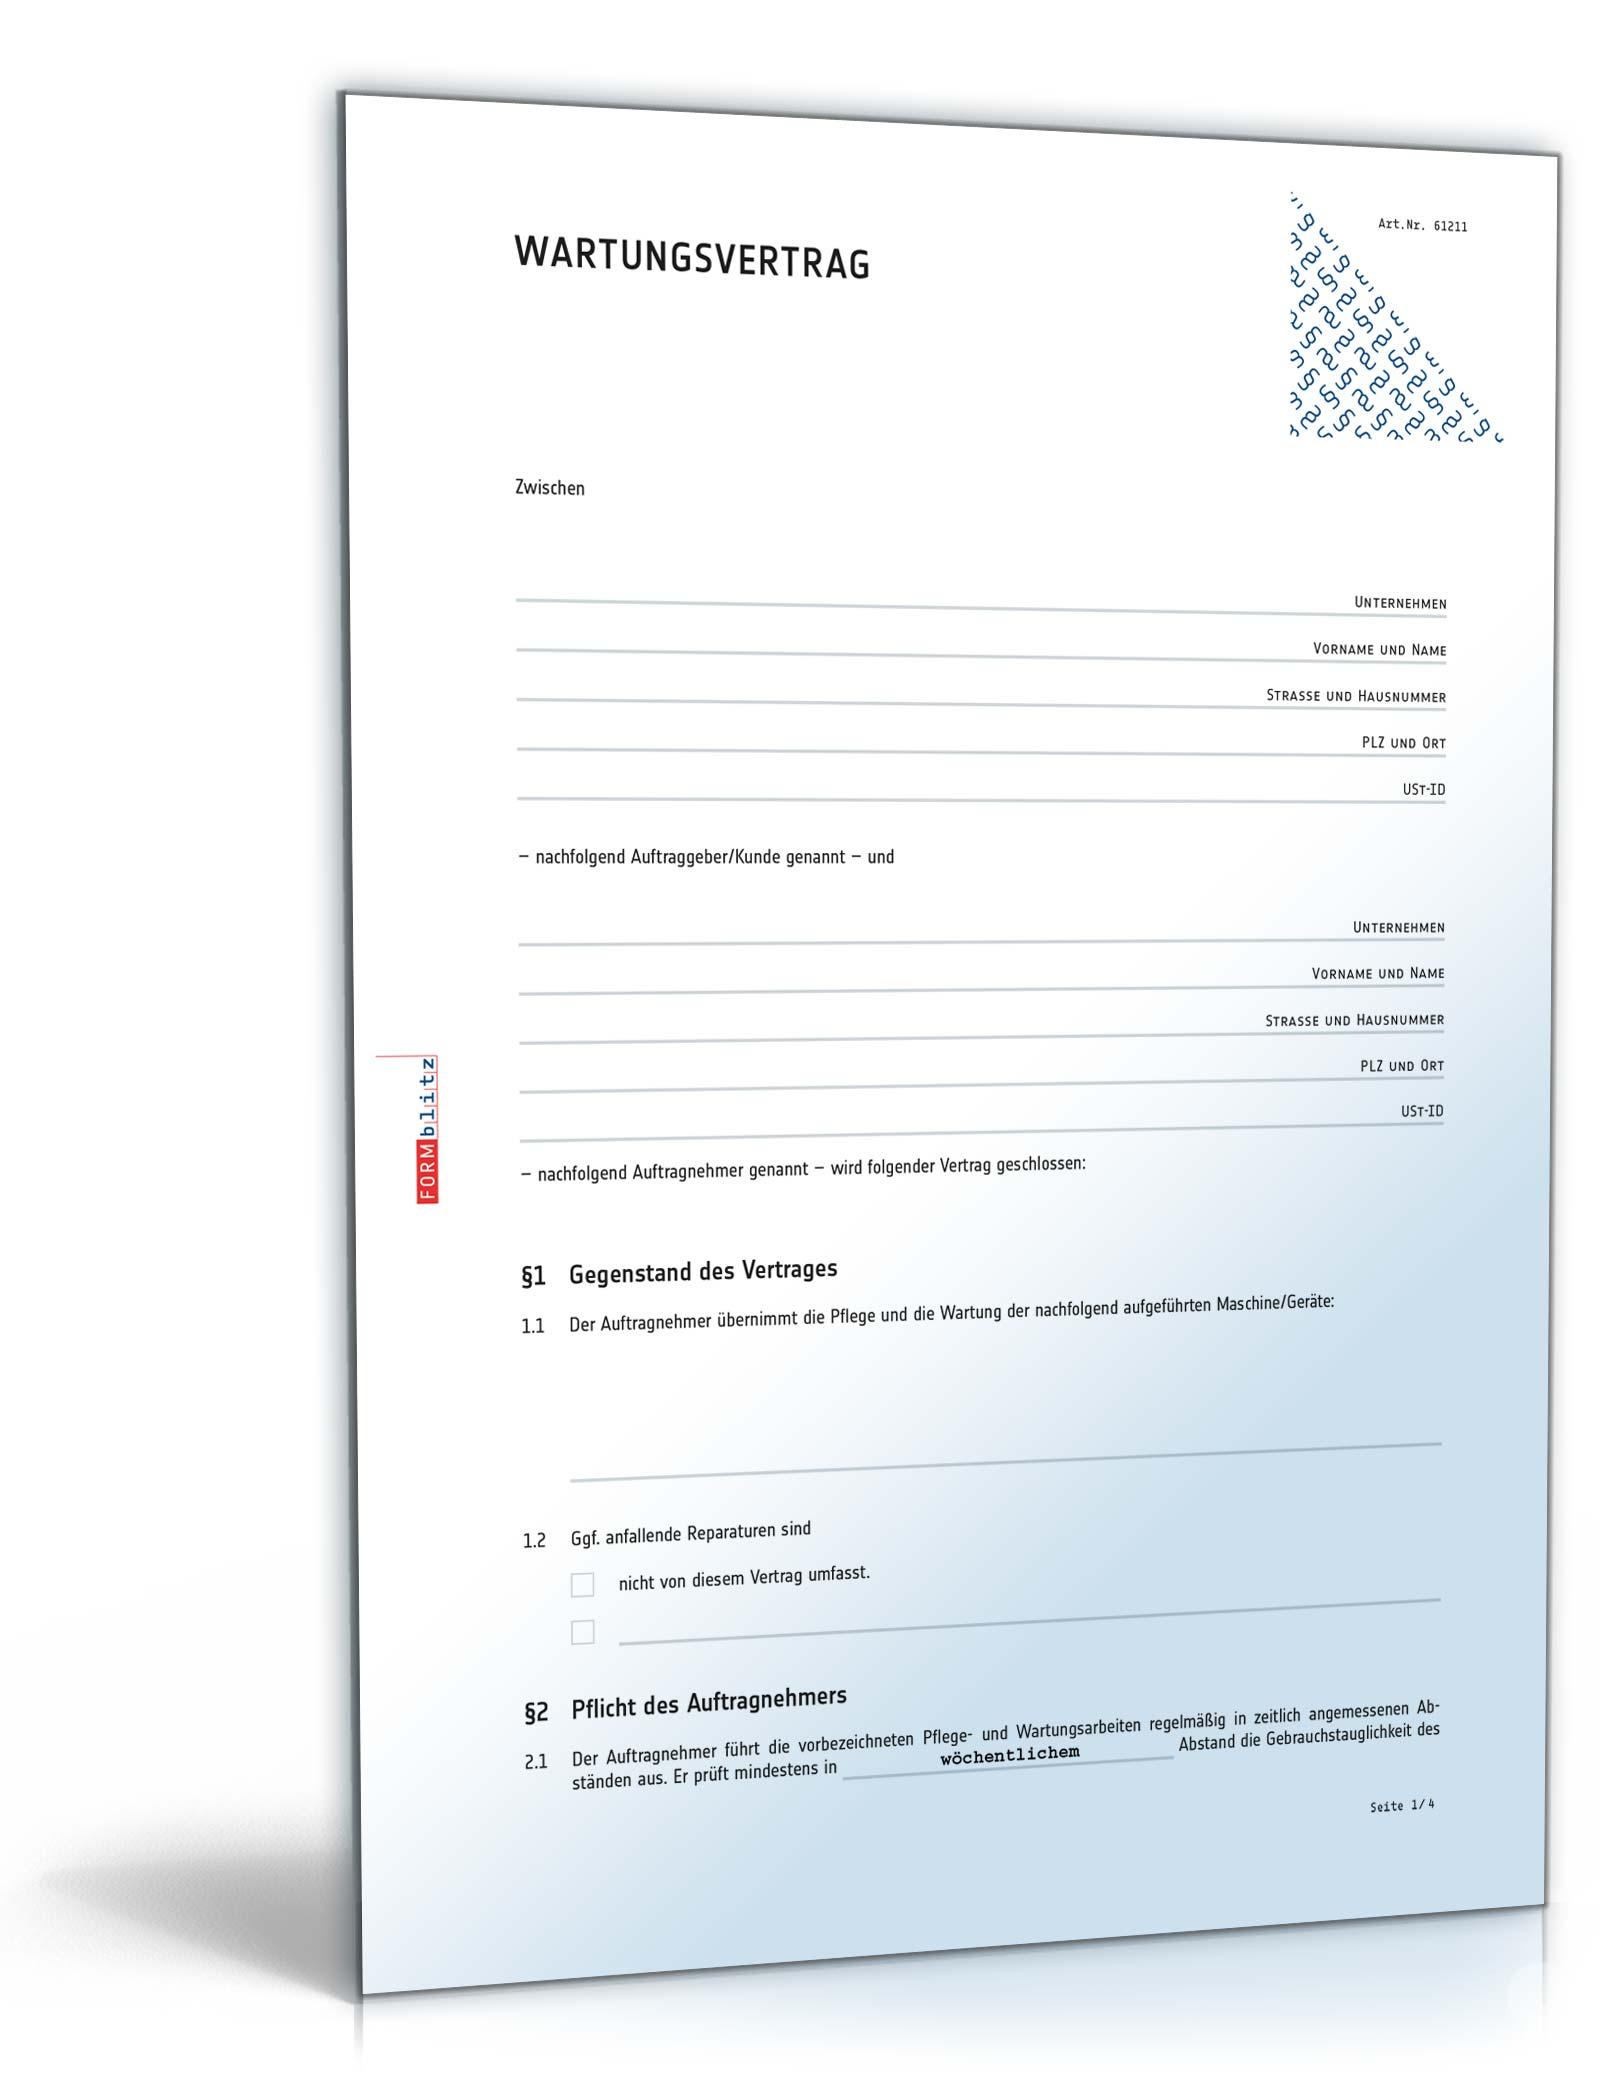 Wartungsvertrag Muster Vorlage Zum Download